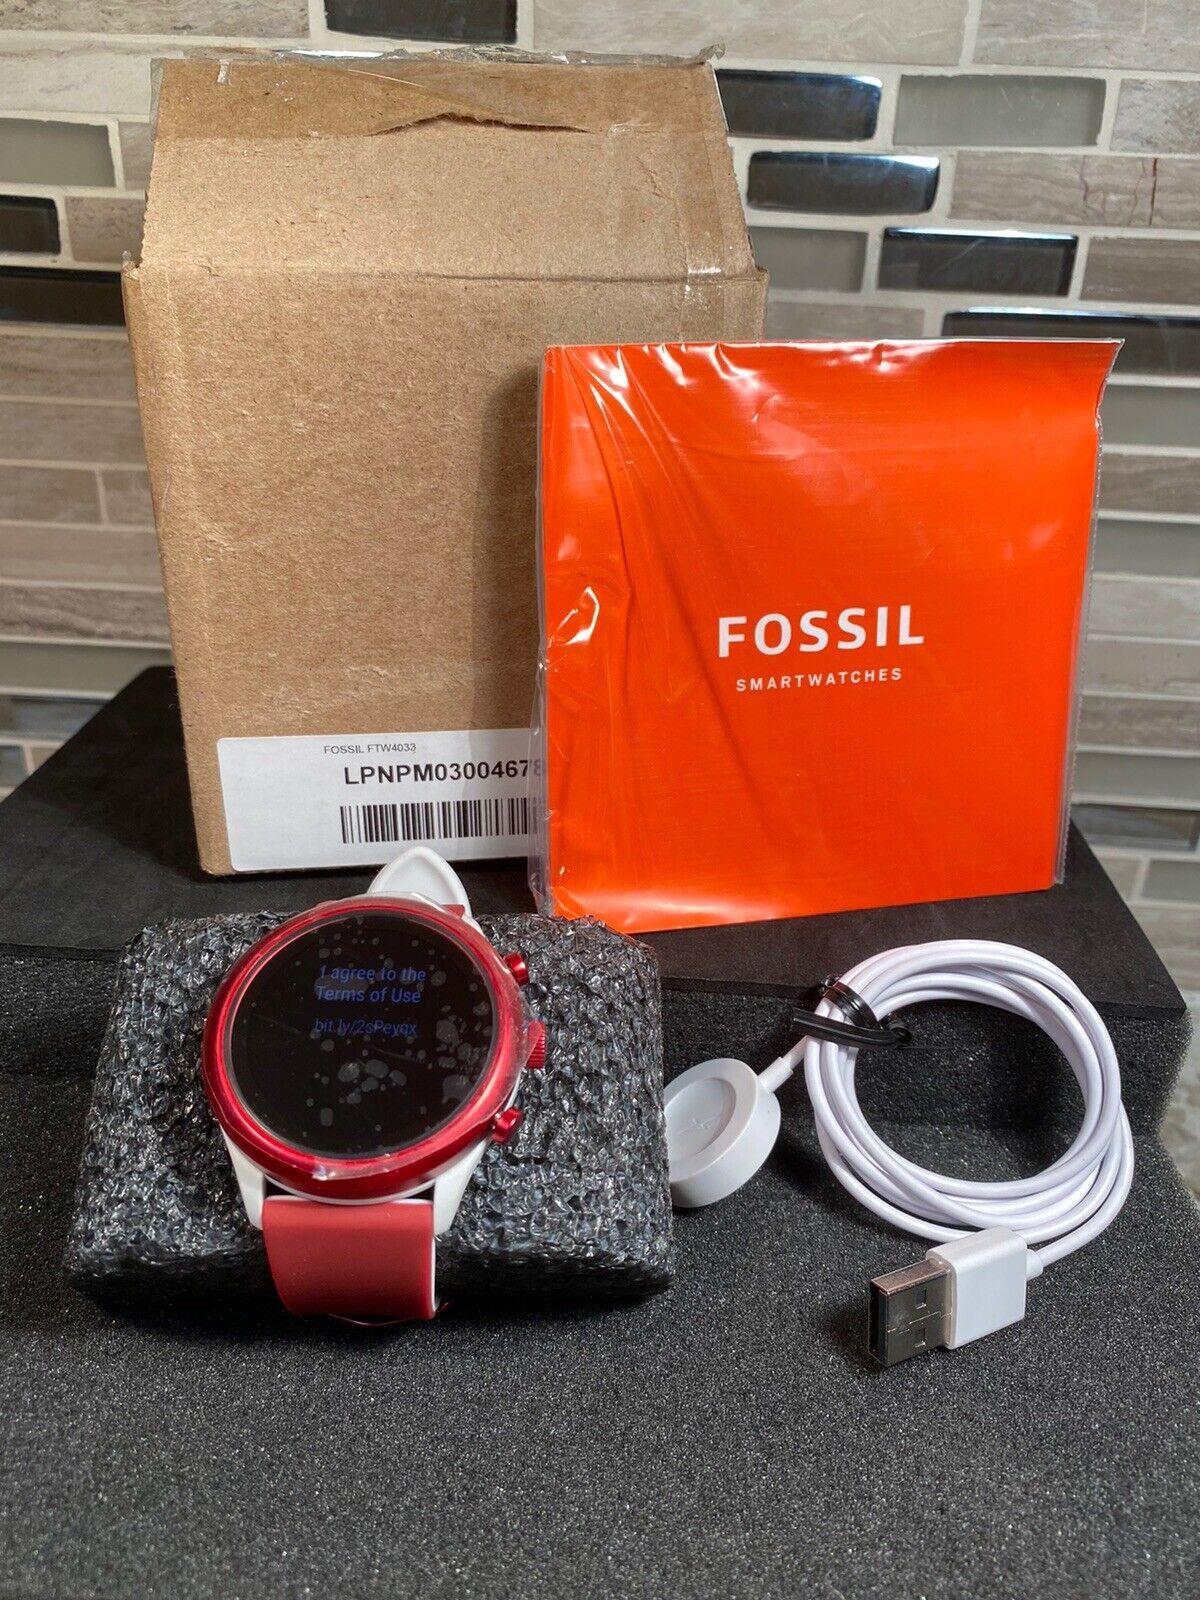 Fossil Men's Sport Heart Rate Smartwatch White Dark Red FTW4033 READ DESCRIPTION dark Featured fossil ftw4033 heart rate read red smartwatch sport white